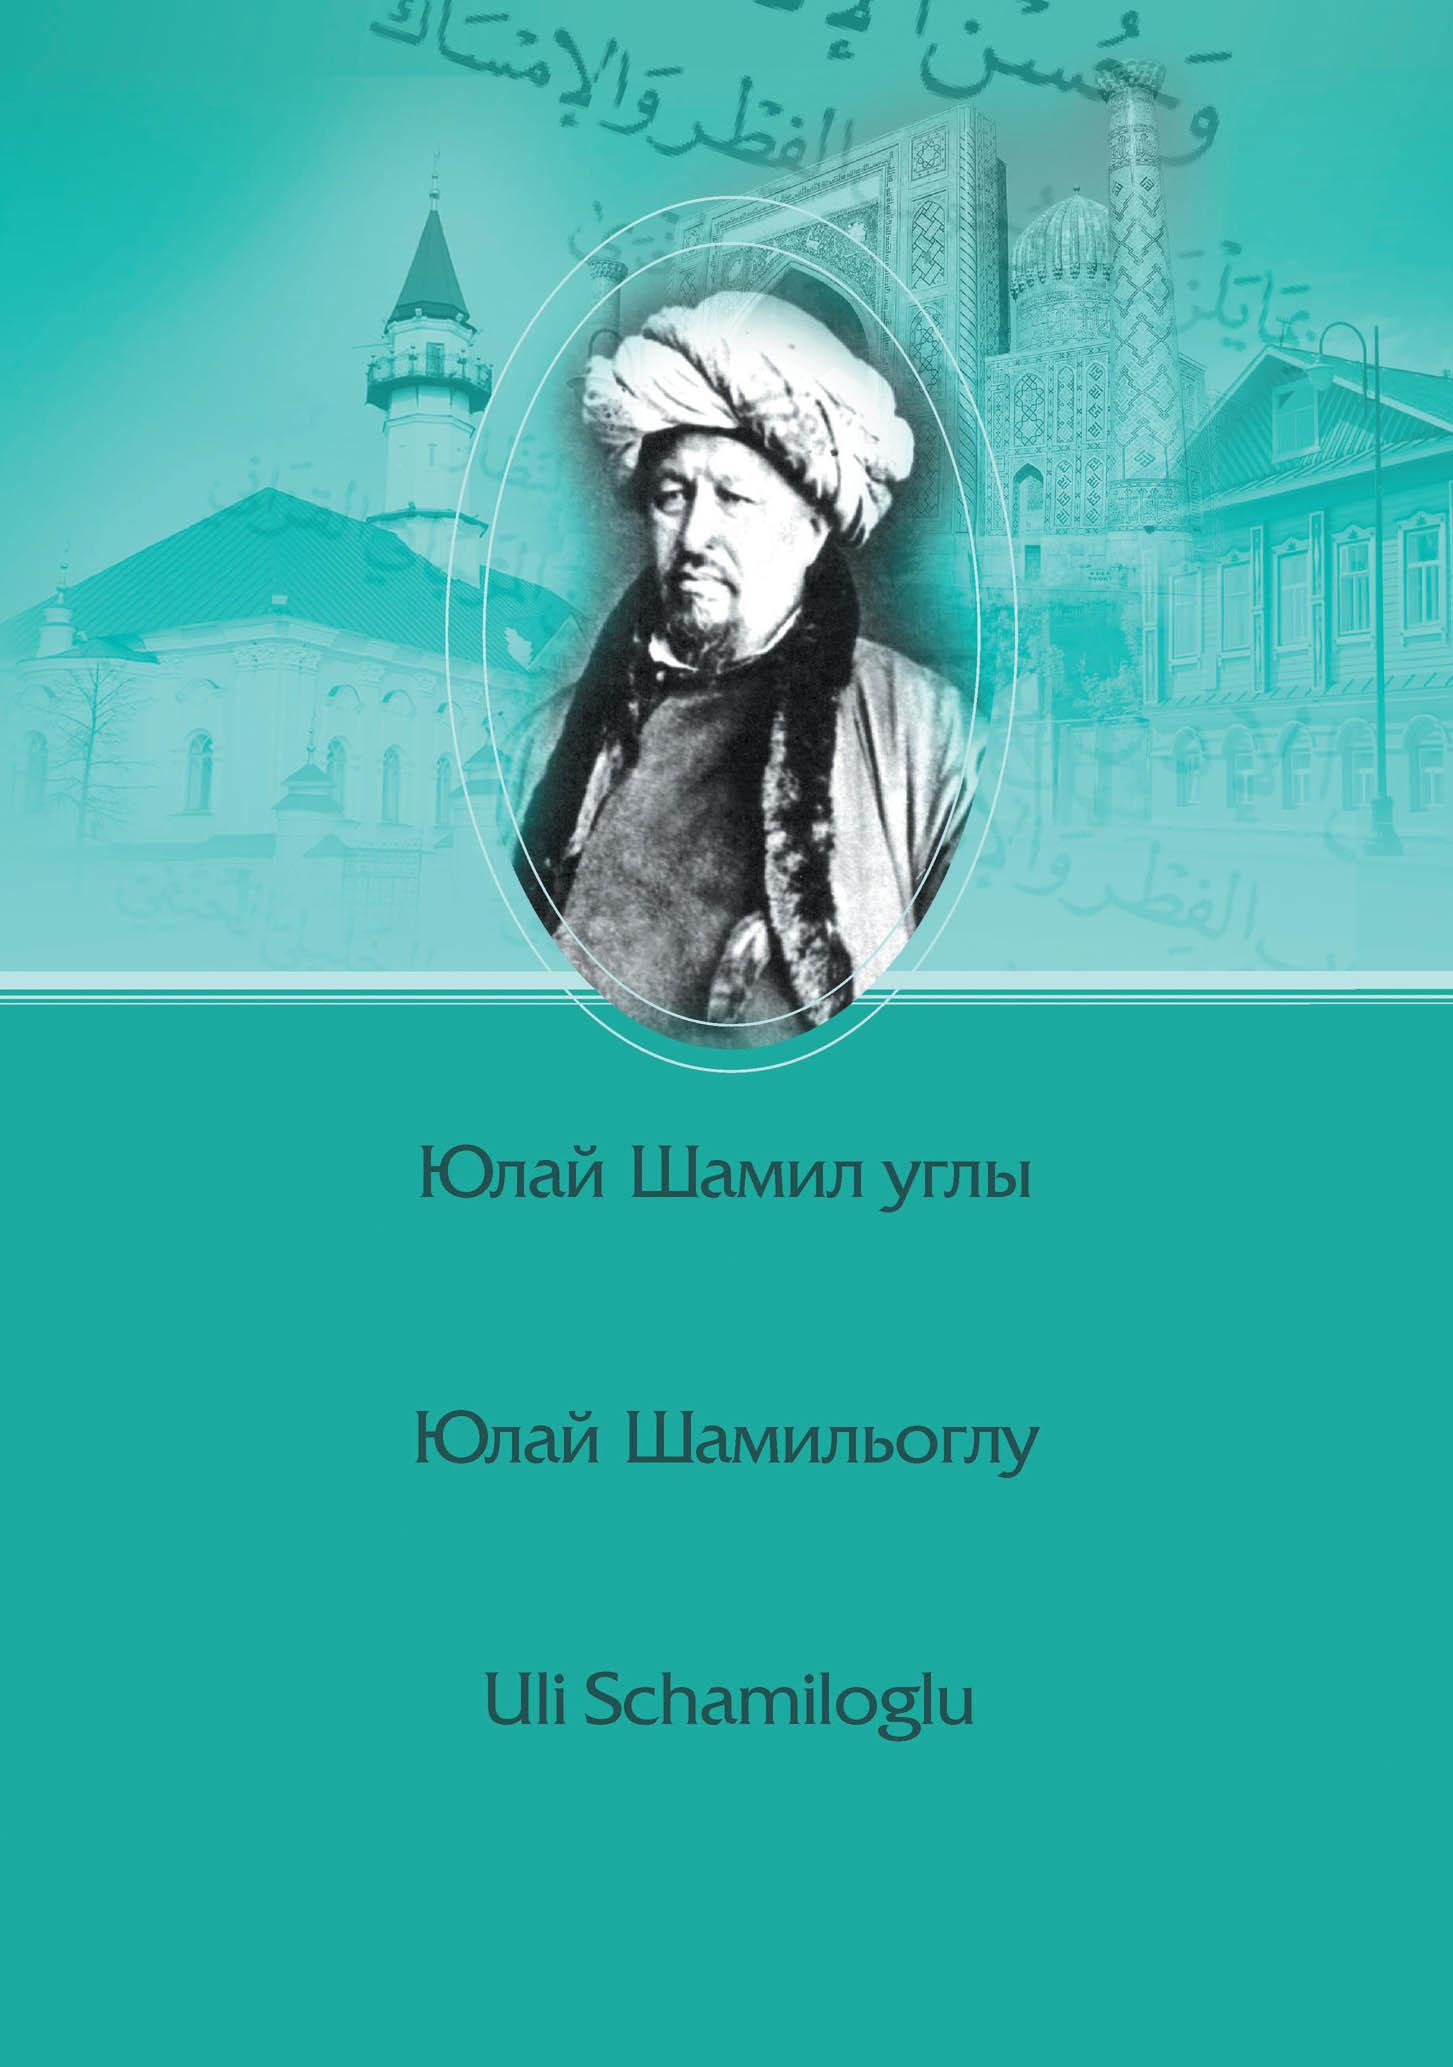 Юлай Шамильоглу Шиһабетдин Мәрҗани / Шигабутдин Марджани / Şihabeddin Märcani